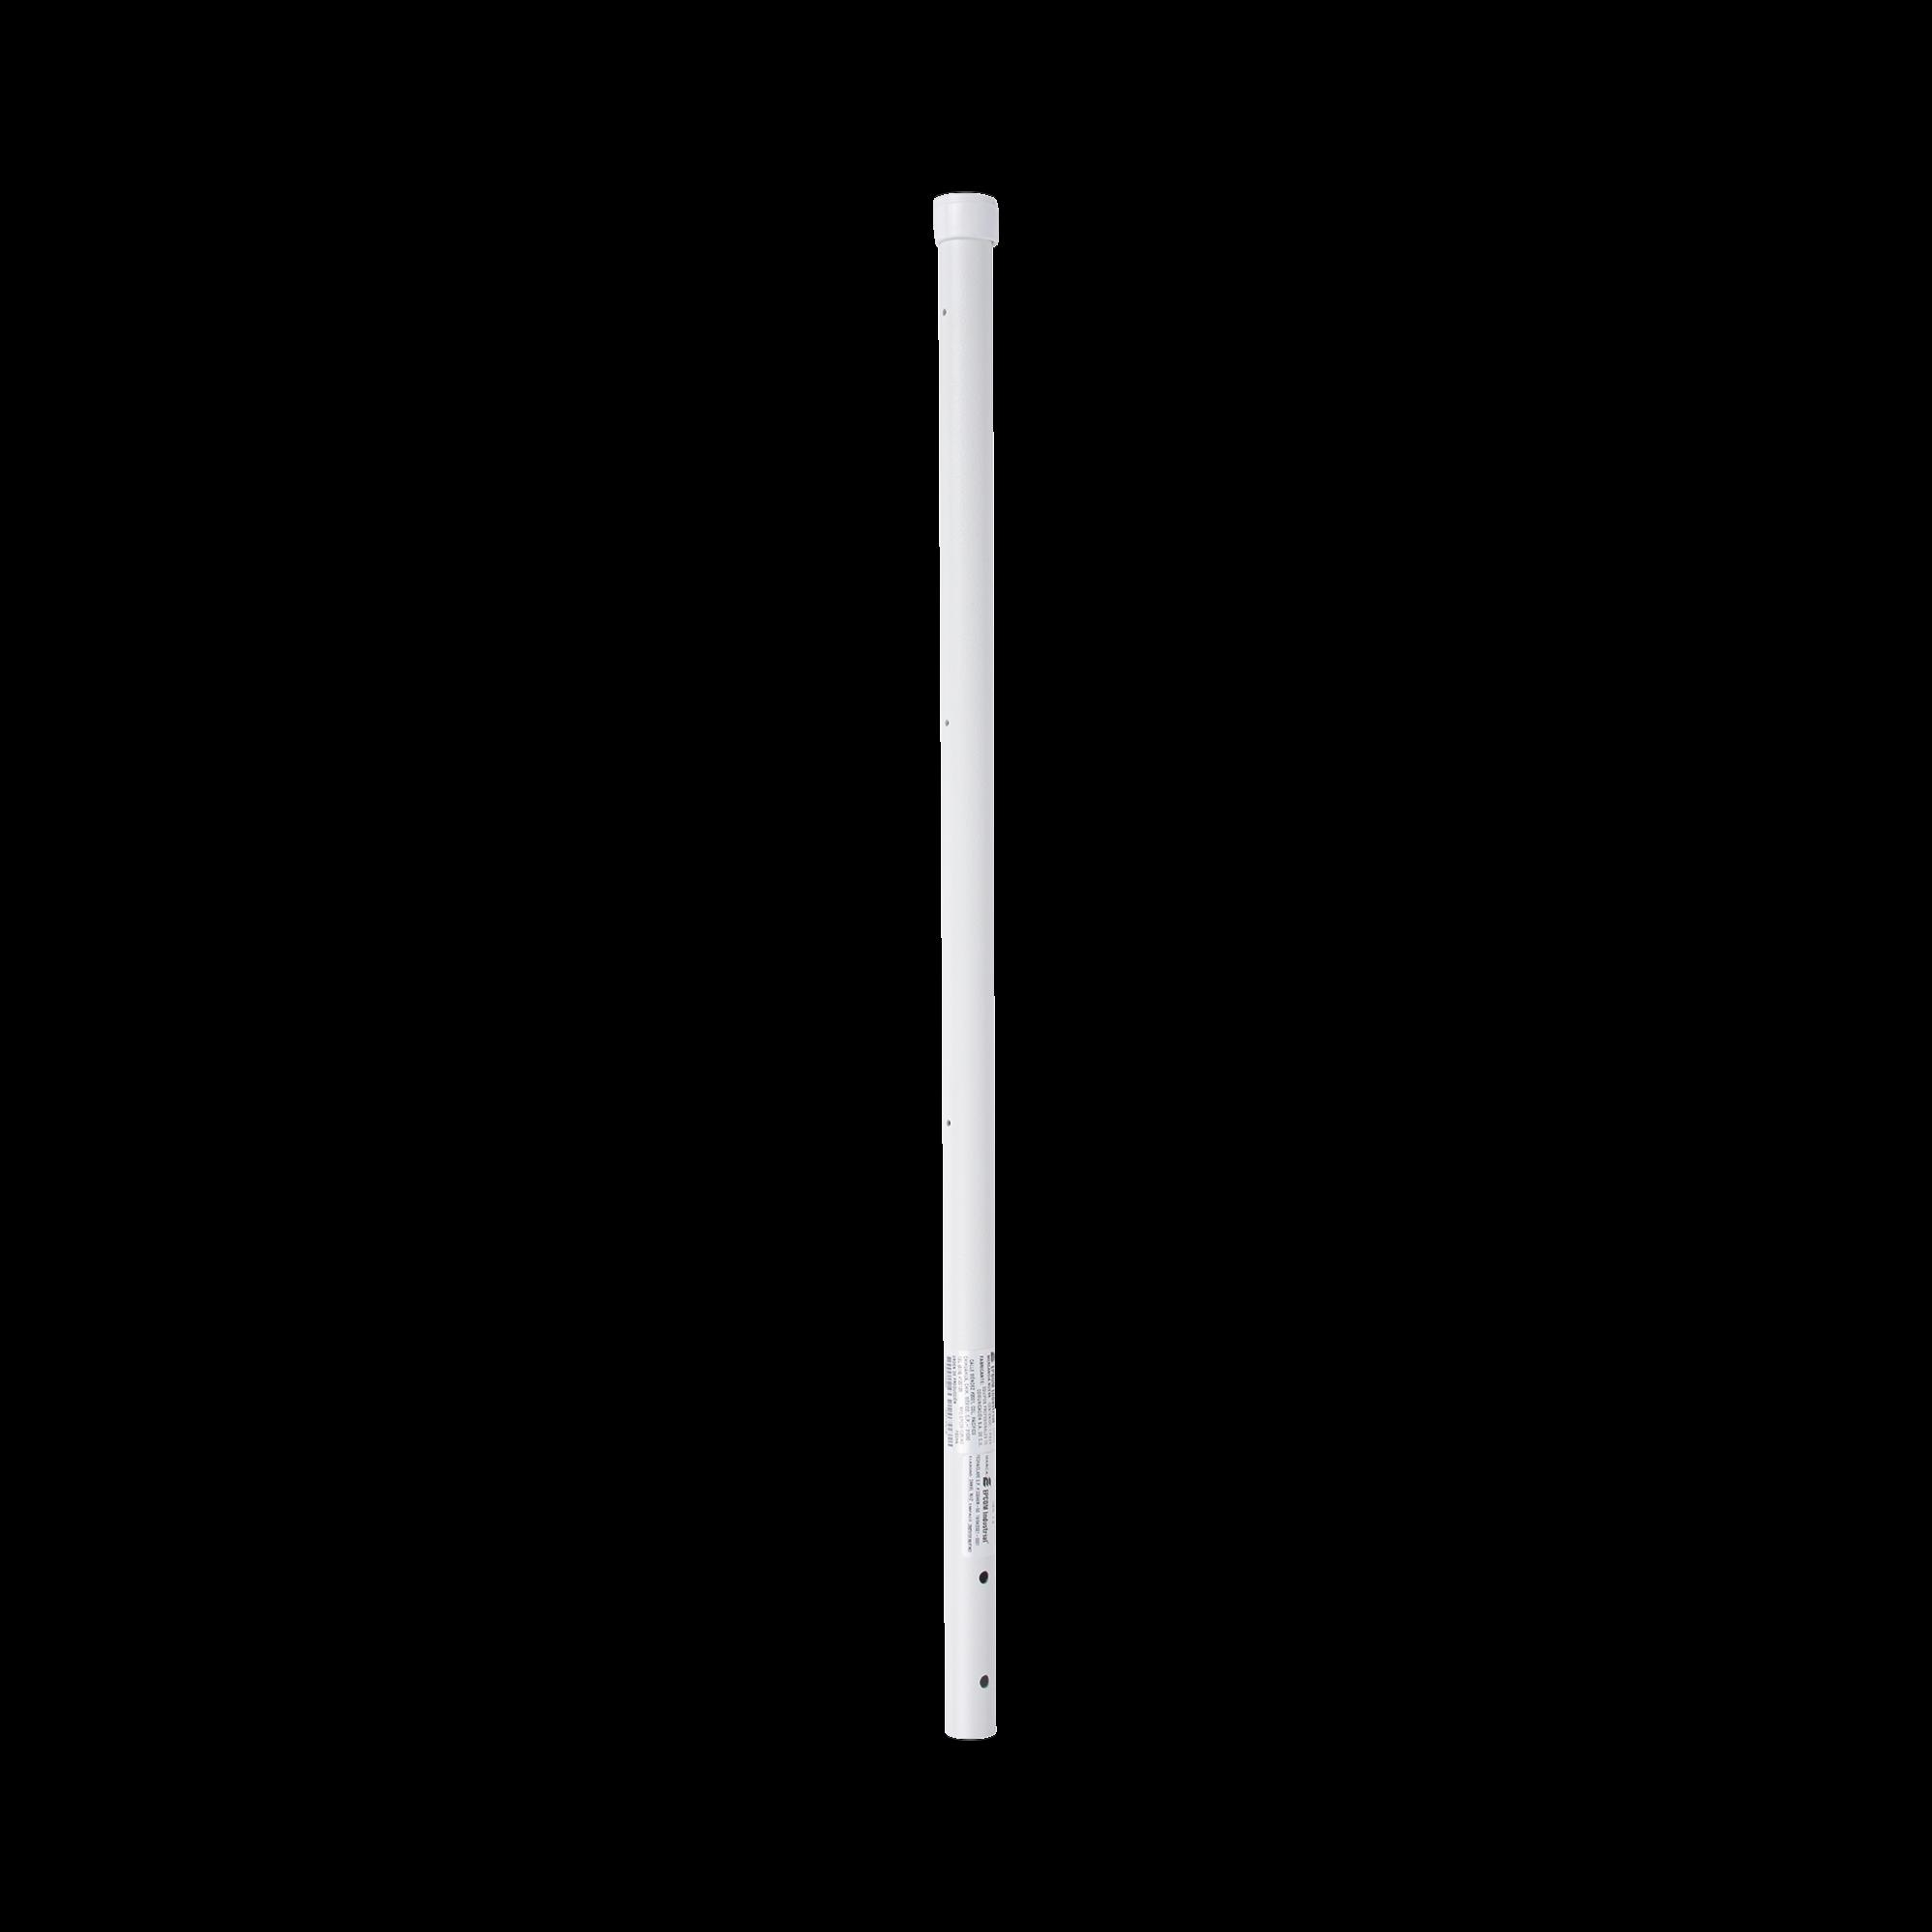 Poste de Esquina de 0.8m para Cerca Electrificada. Tubo Galvanizado cal. 18 de 1Diam. con Tapón, ideal para 3 Aisladores.